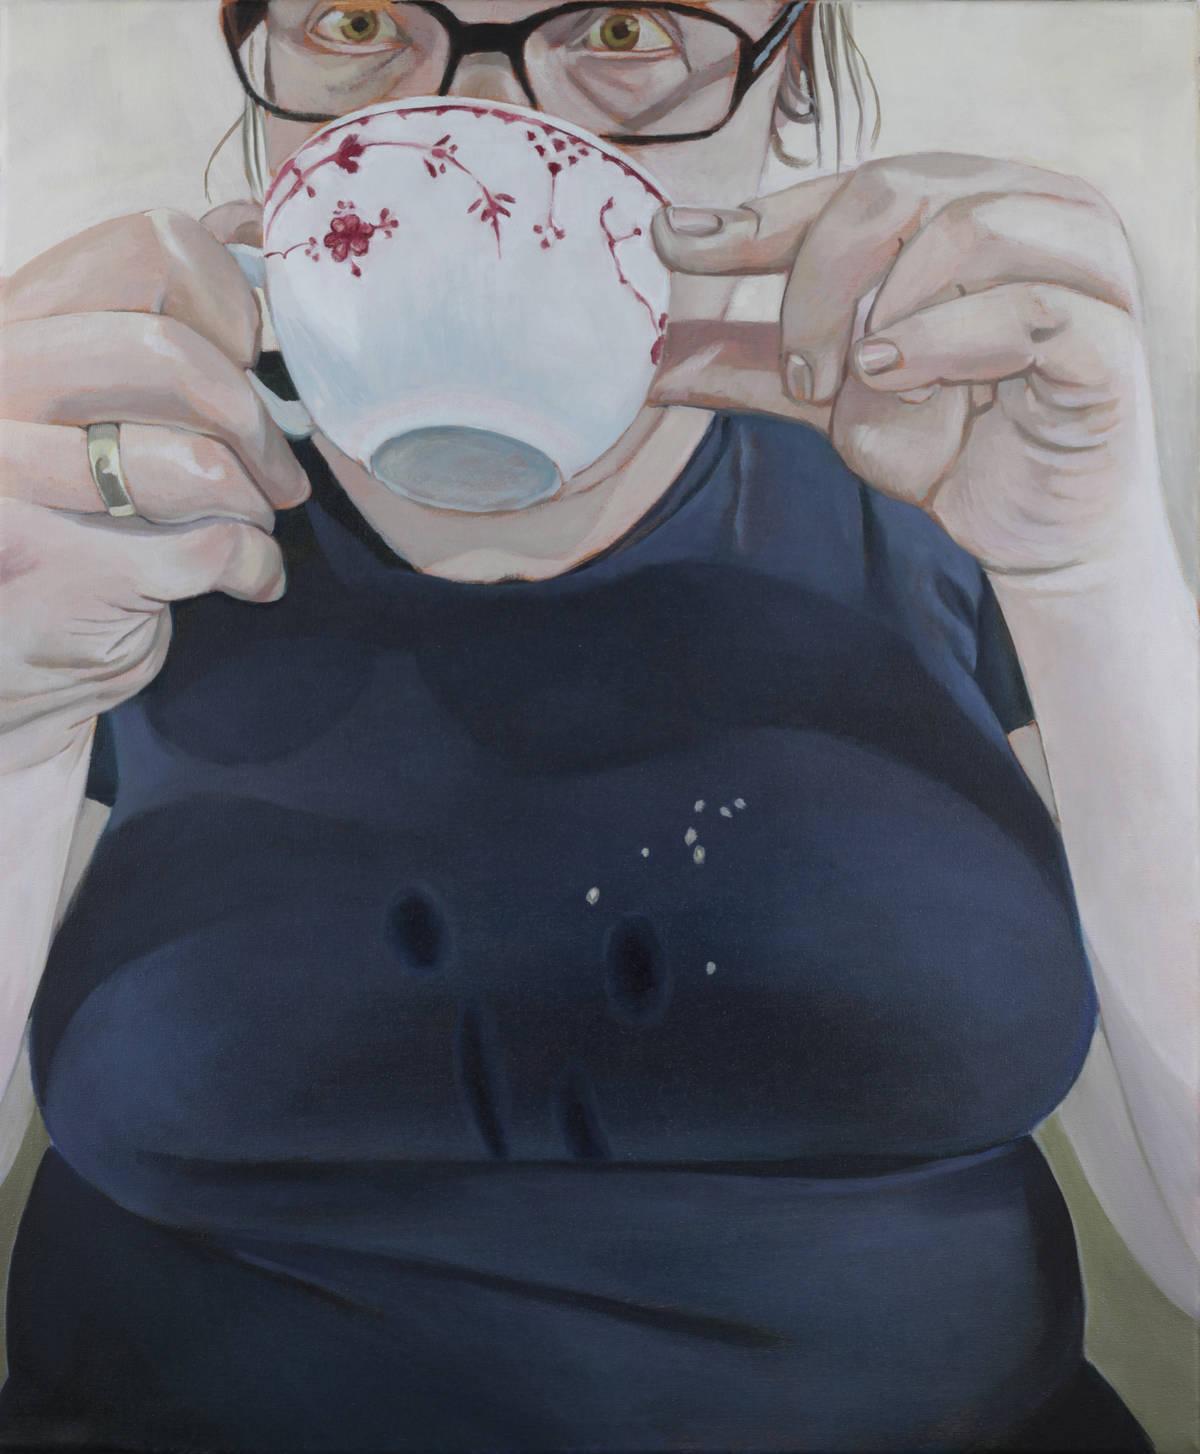 tee, 2015, öl auf leinwand, 50 x 60 cm